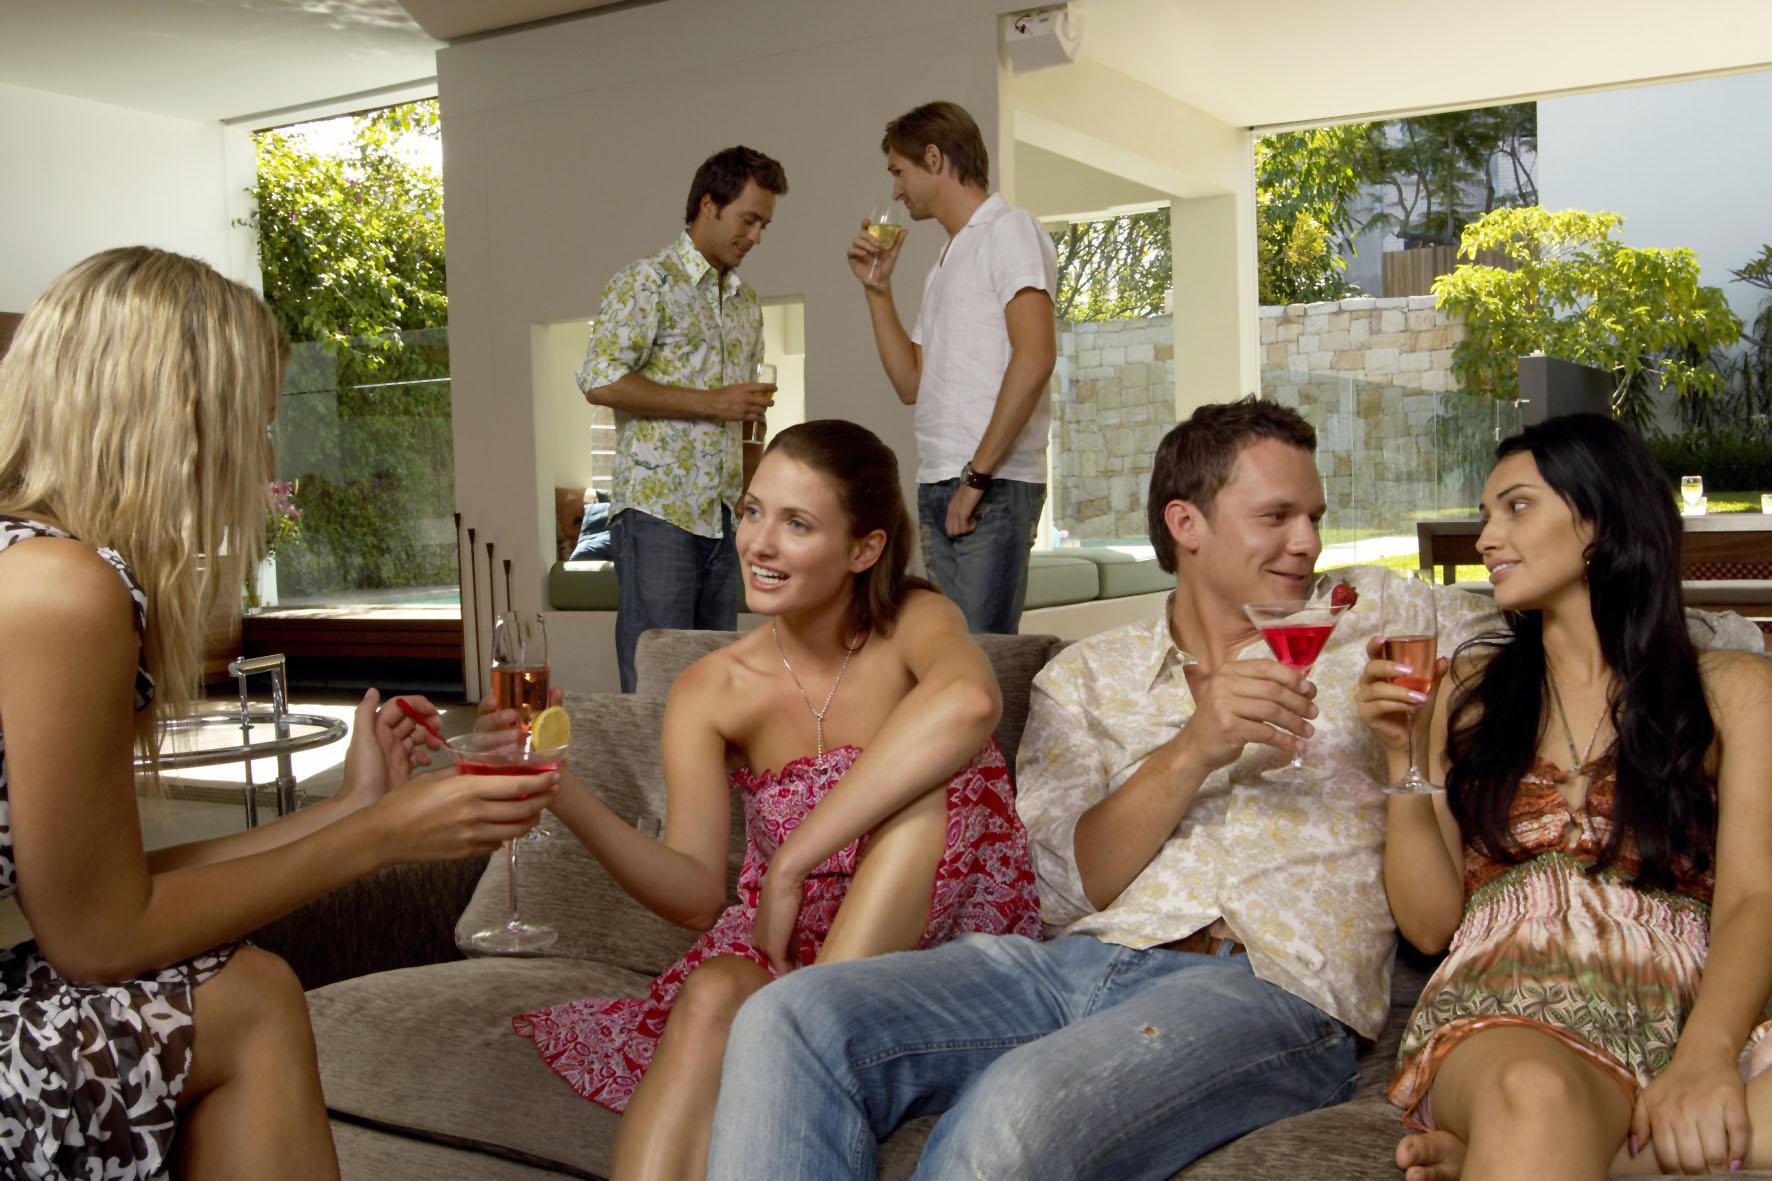 Schweißflecken und stechender Geruch sollten tabu sein, wenn man mit seinen Freunden eine Party feiern will